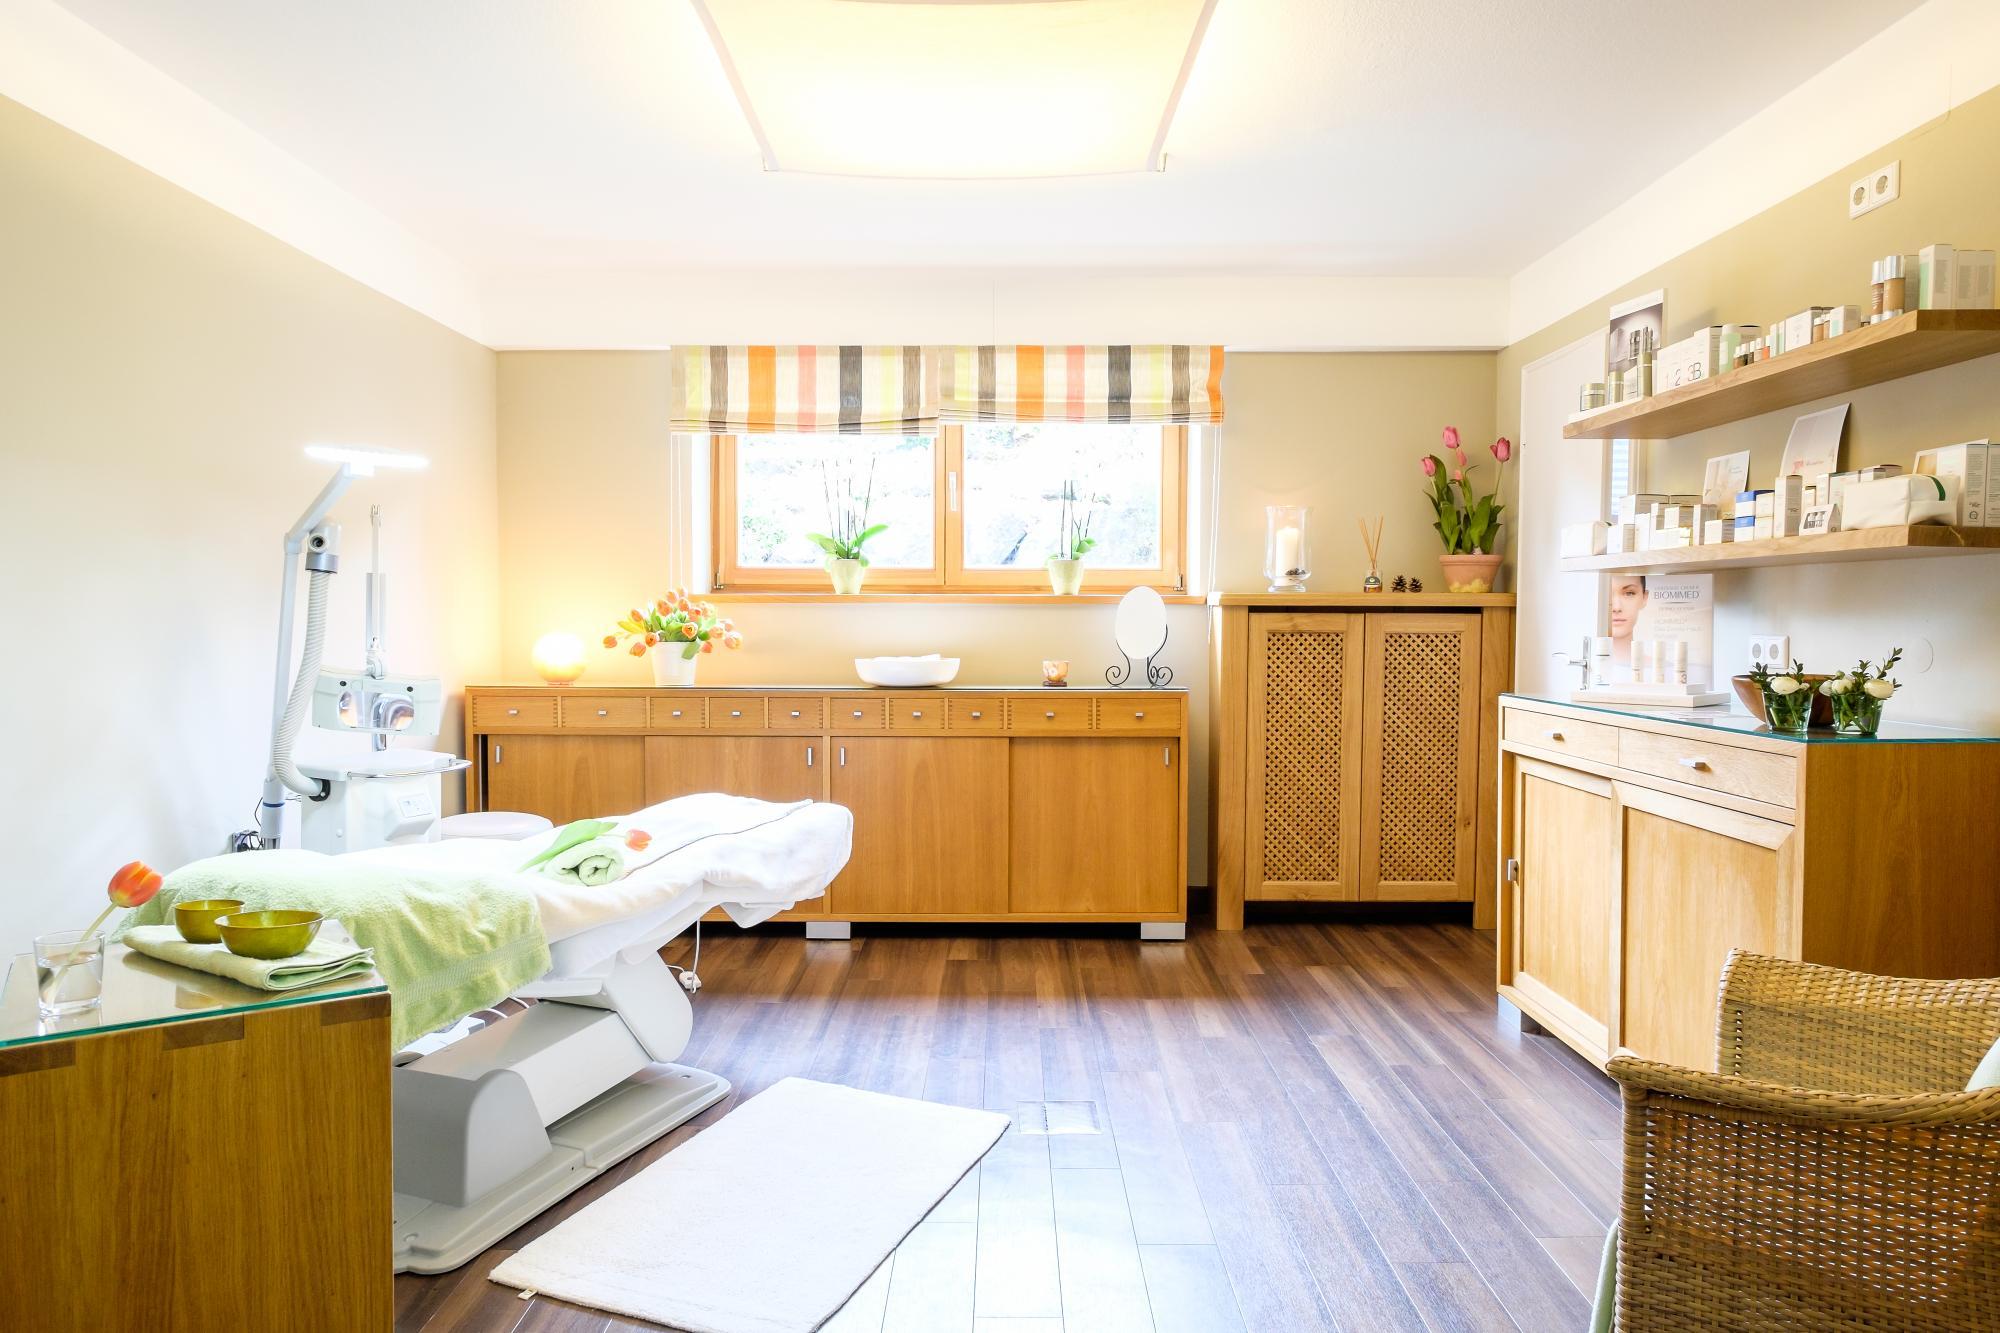 landhaus am stein bad wiessee. Black Bedroom Furniture Sets. Home Design Ideas